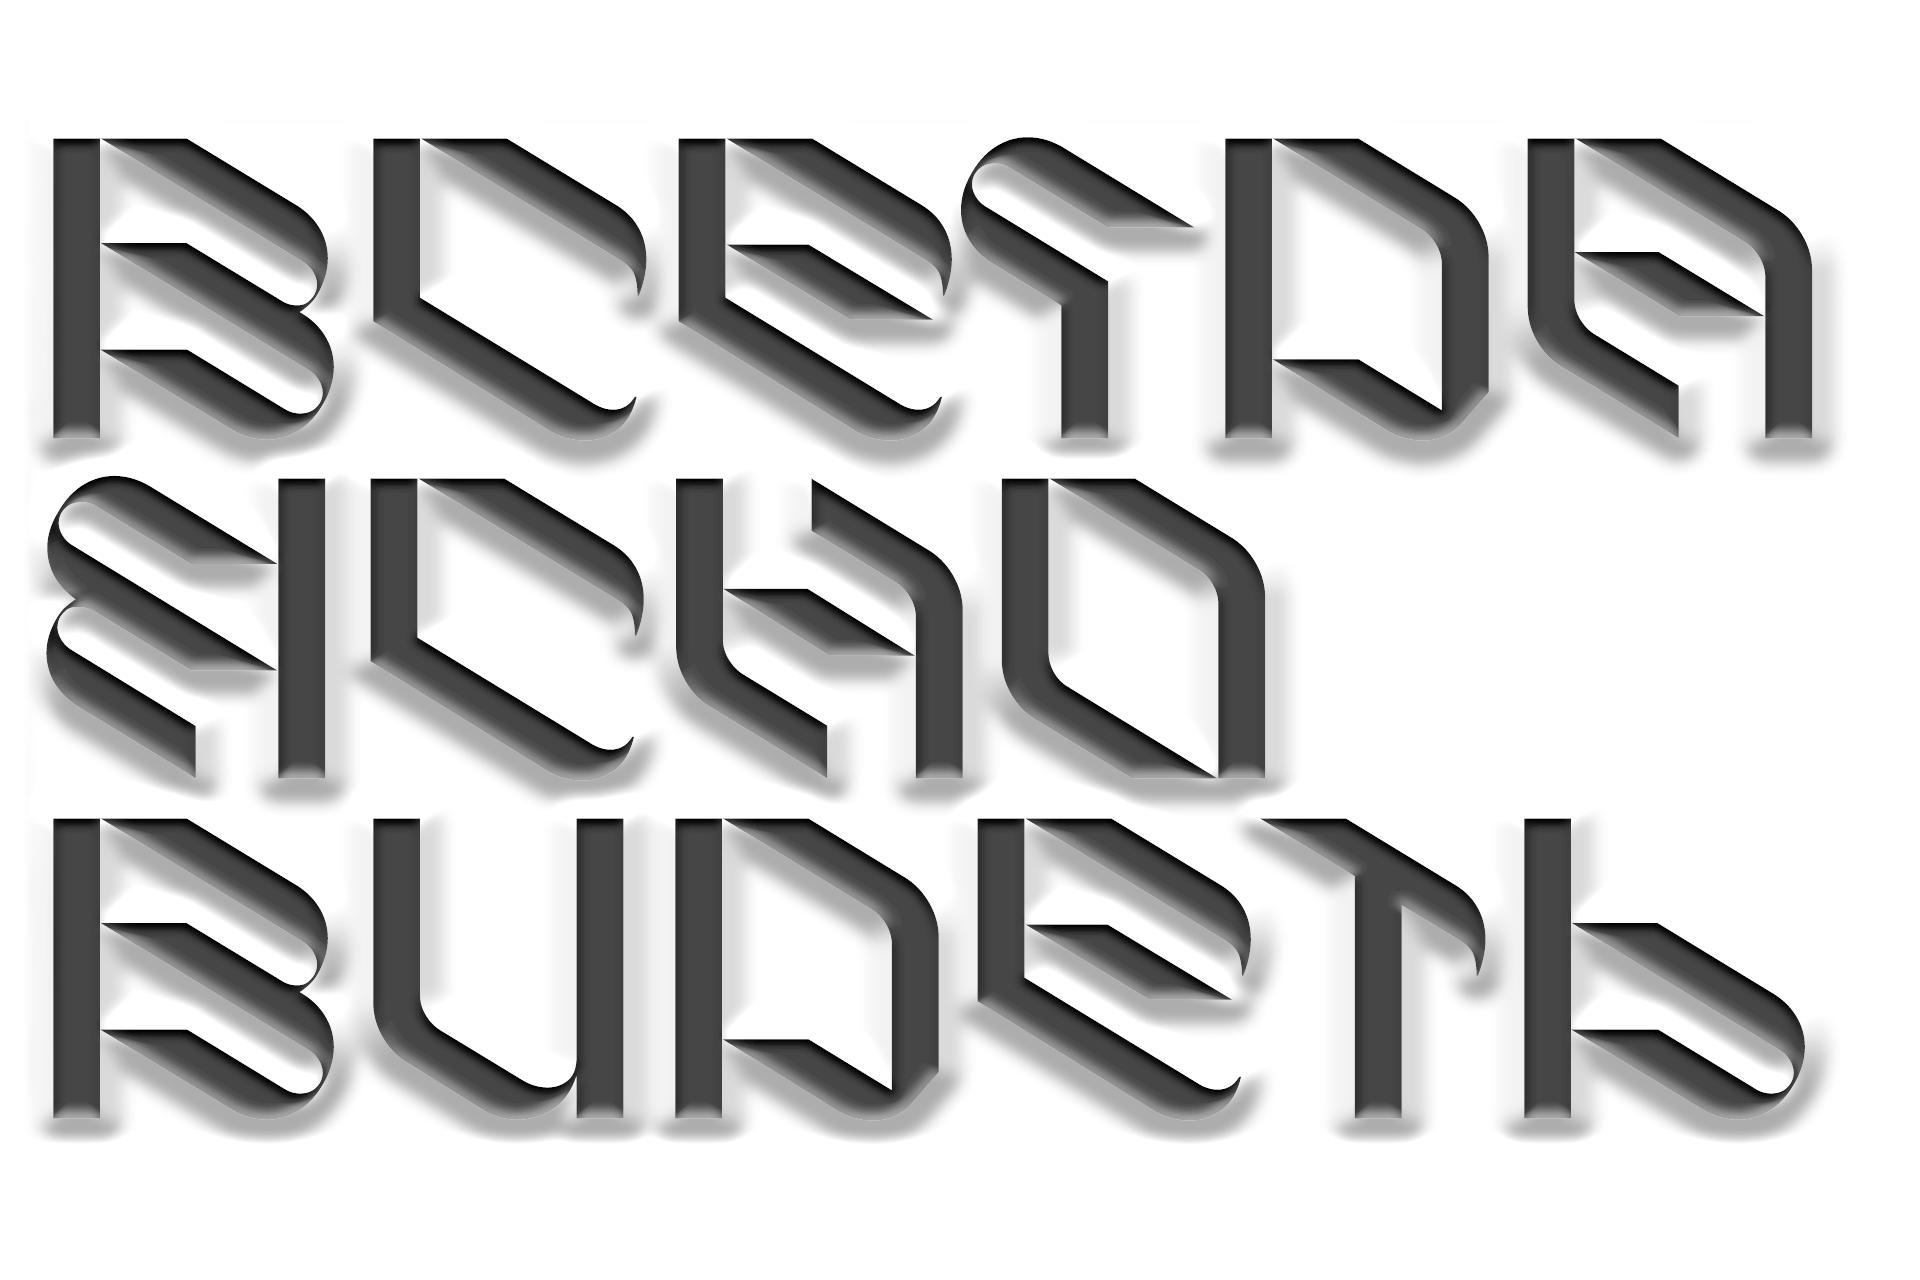 倾斜对角线英文字体下载 Eskos Typeface插图(19)